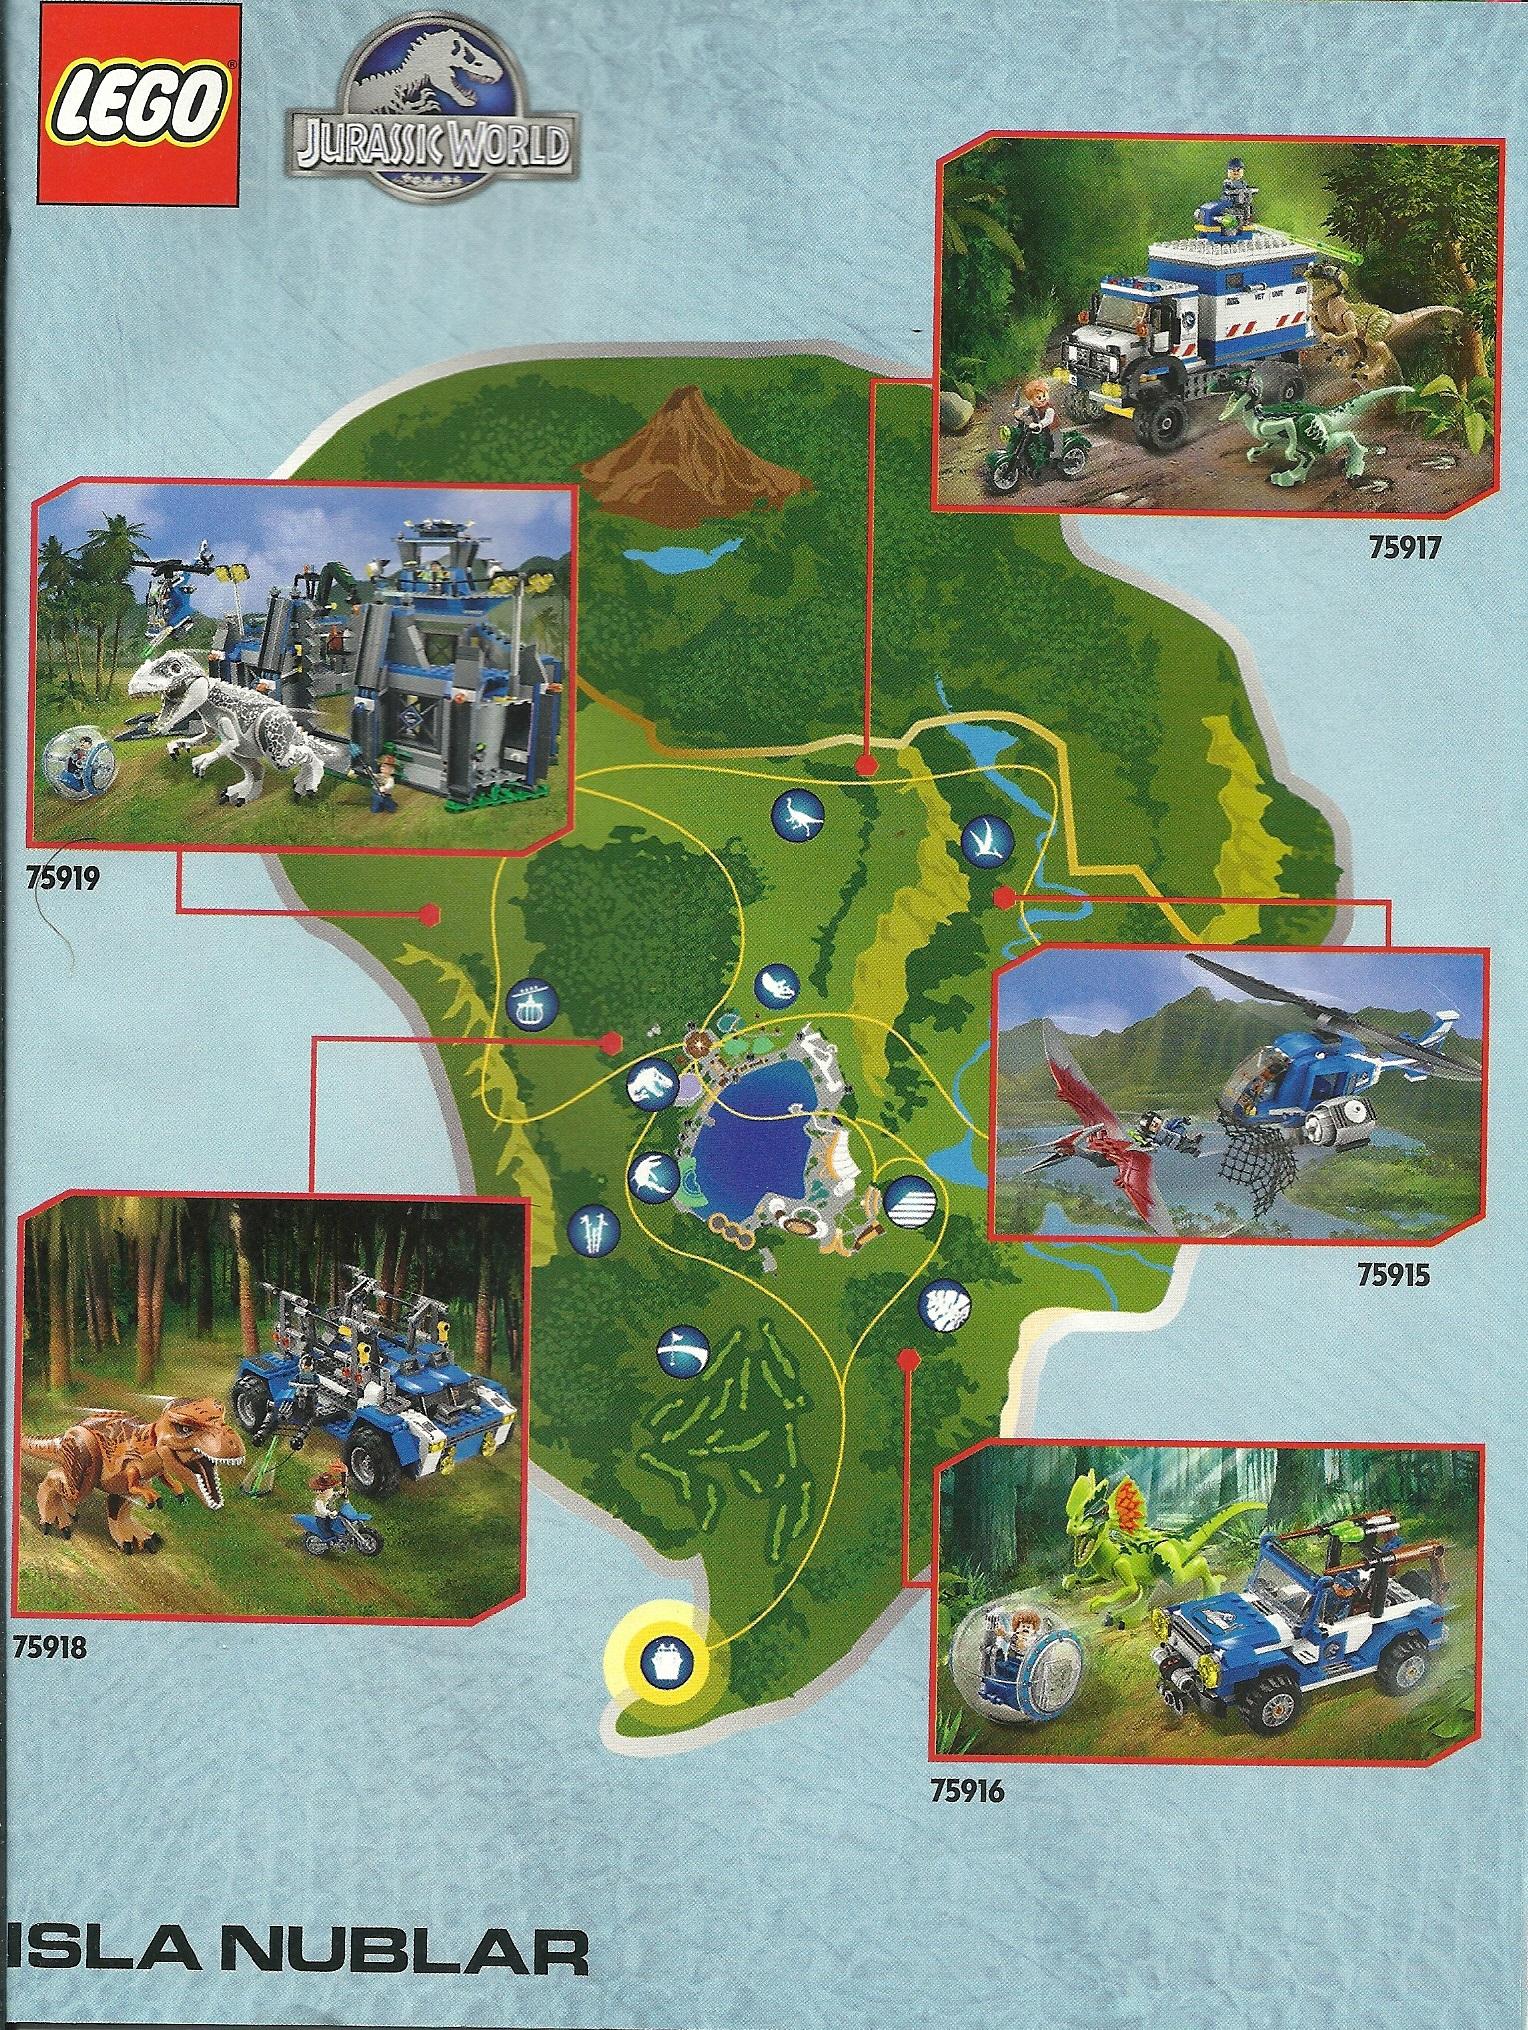 JW Lego Isla Nublar Map